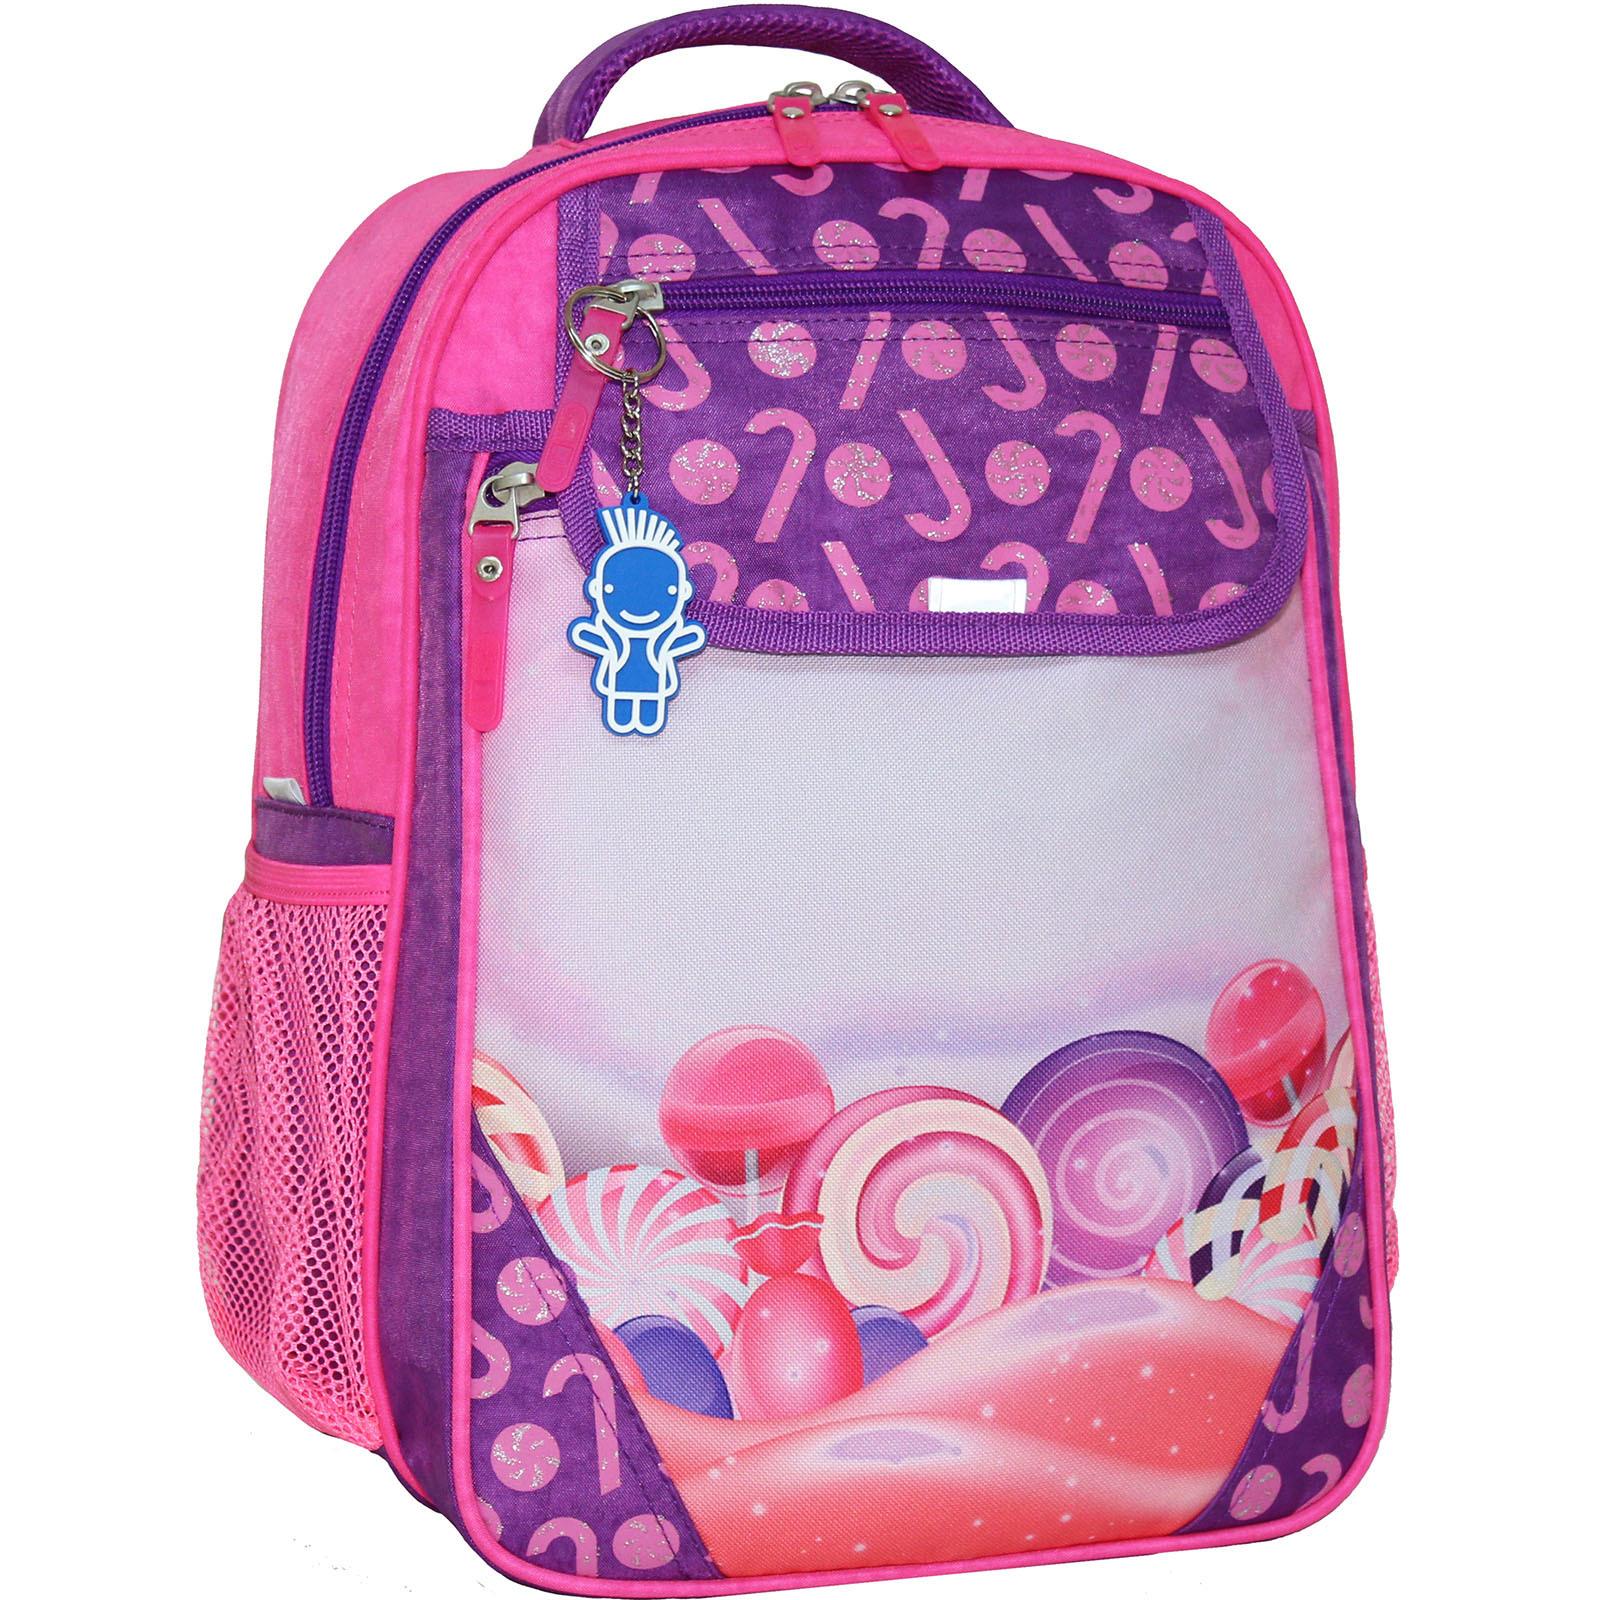 Школьные рюкзаки Рюкзак школьный Bagland Отличник 20 л. 339 фиолетовый 409 (0058070) IMG_5752_409_.JPG